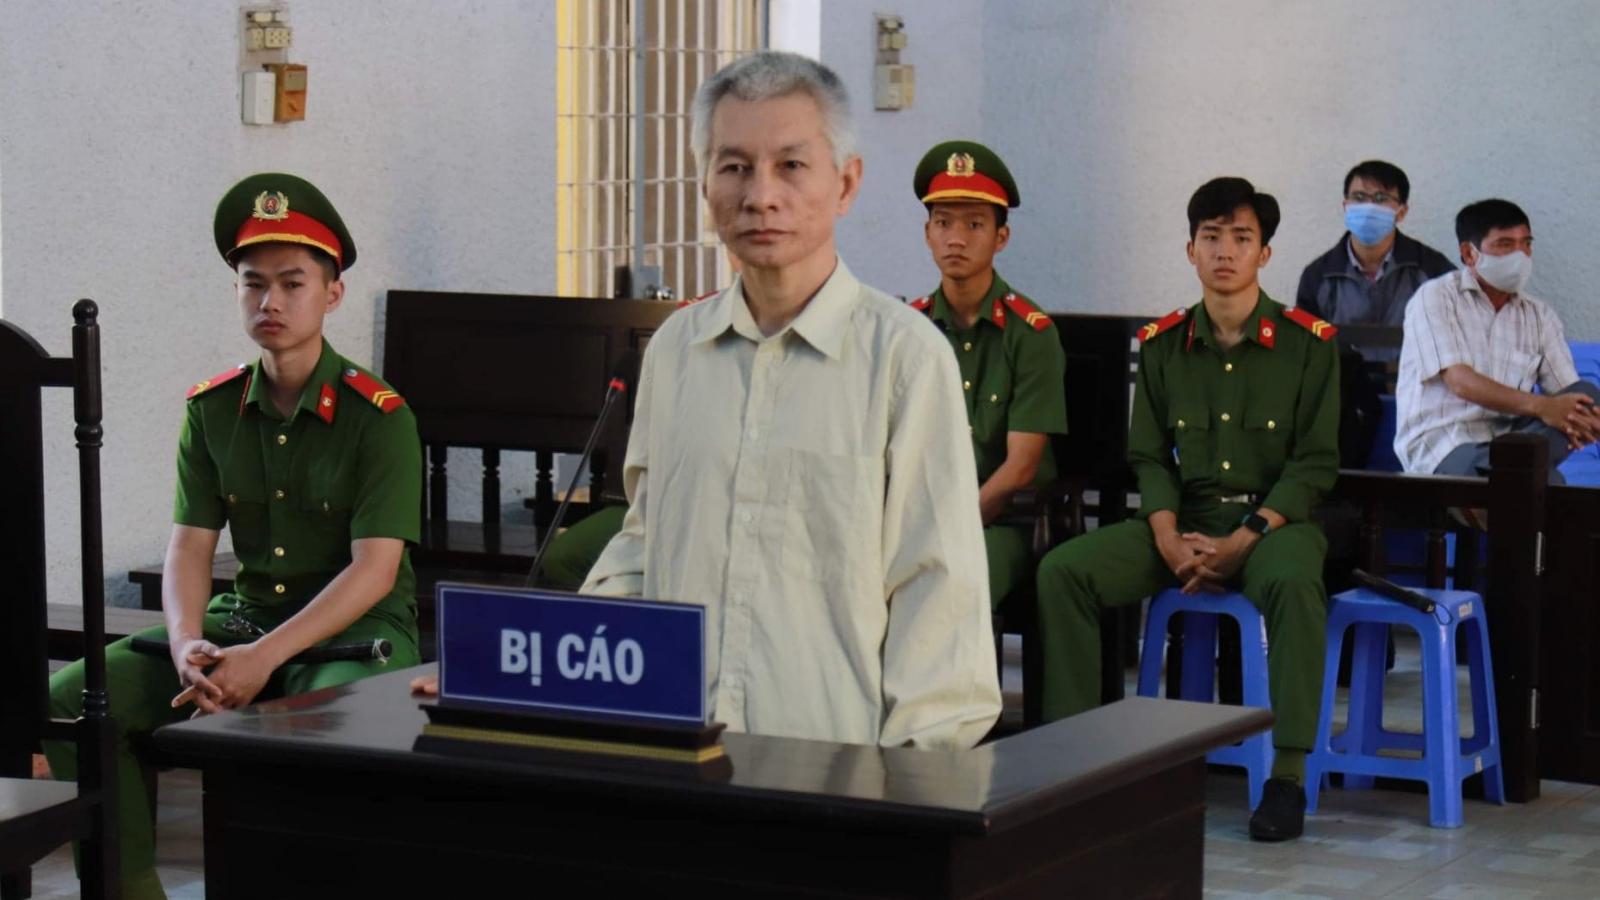 Đắk Lắk: 6,5năm tù giam cho đối tượngcó hành vichống pháNhà nước